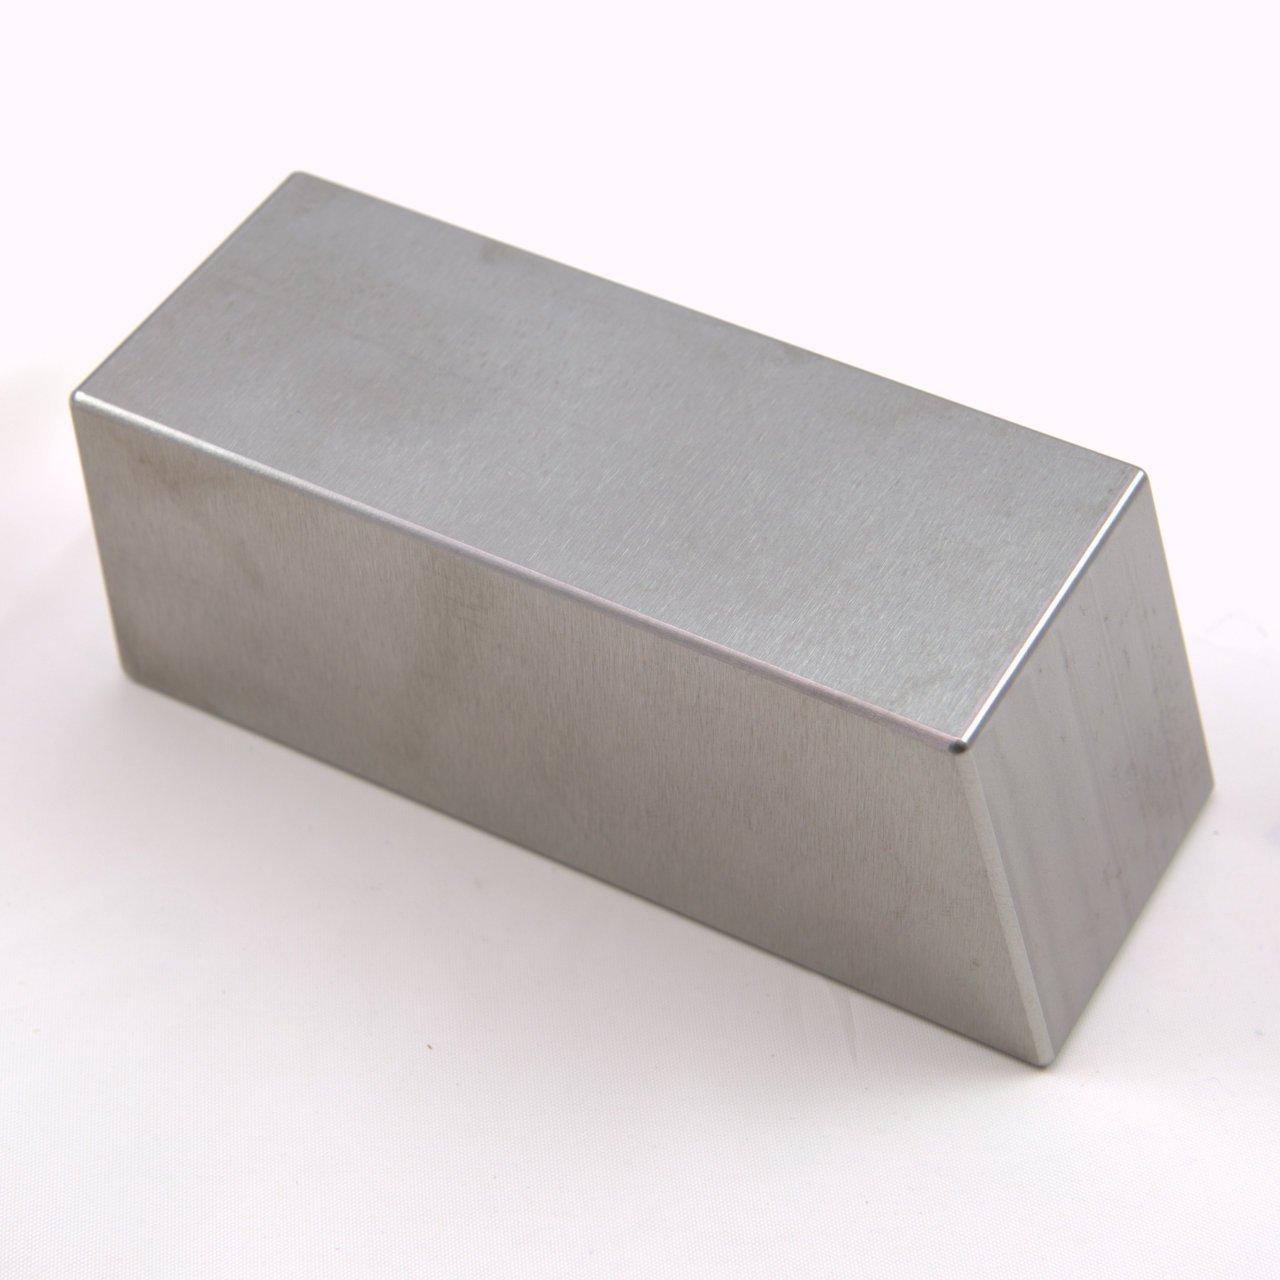 Tungsten Ergonomic Bucking Bar BB-2: 5.60 lbs, 1.5'' x 1.5'' x 4'' by Midwest Tungsten Service